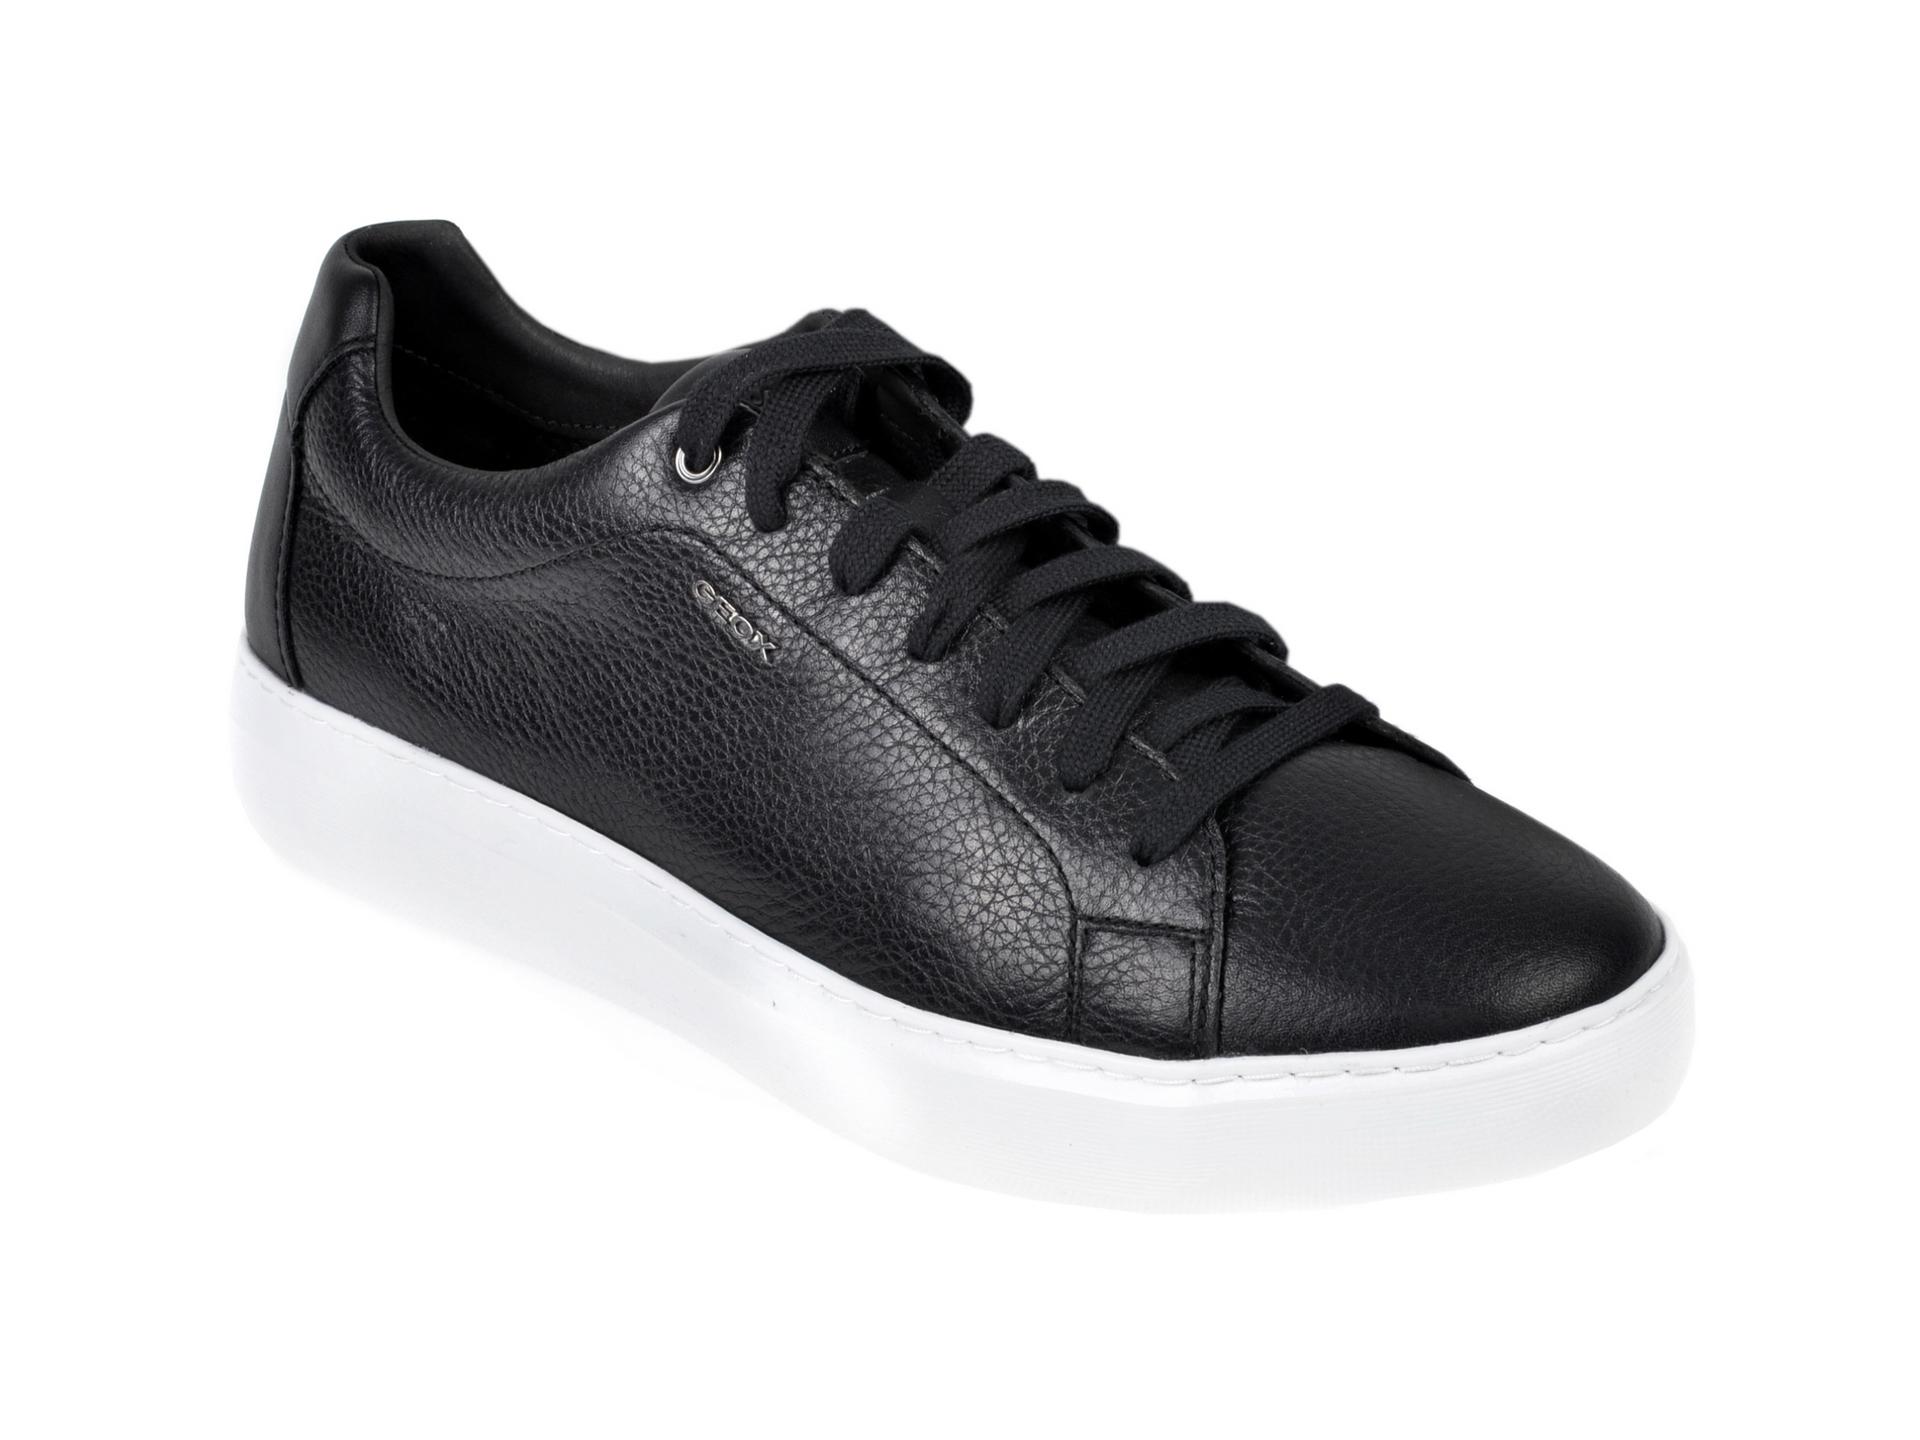 Pantofi sport GEOX negri, U845WB, din piele naturala imagine